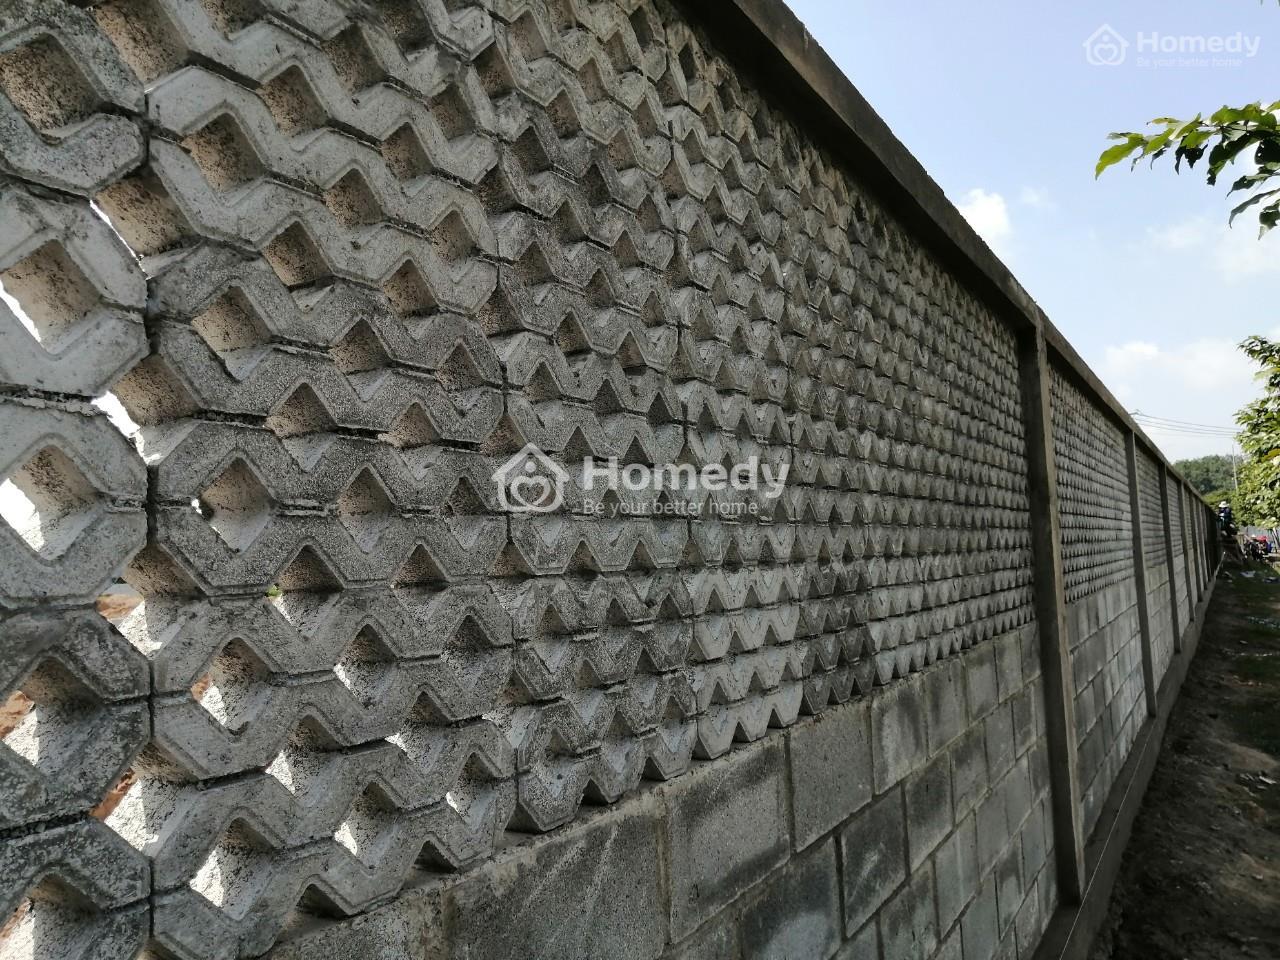 Mẫu gạch block 8 lỗ xây tường rào